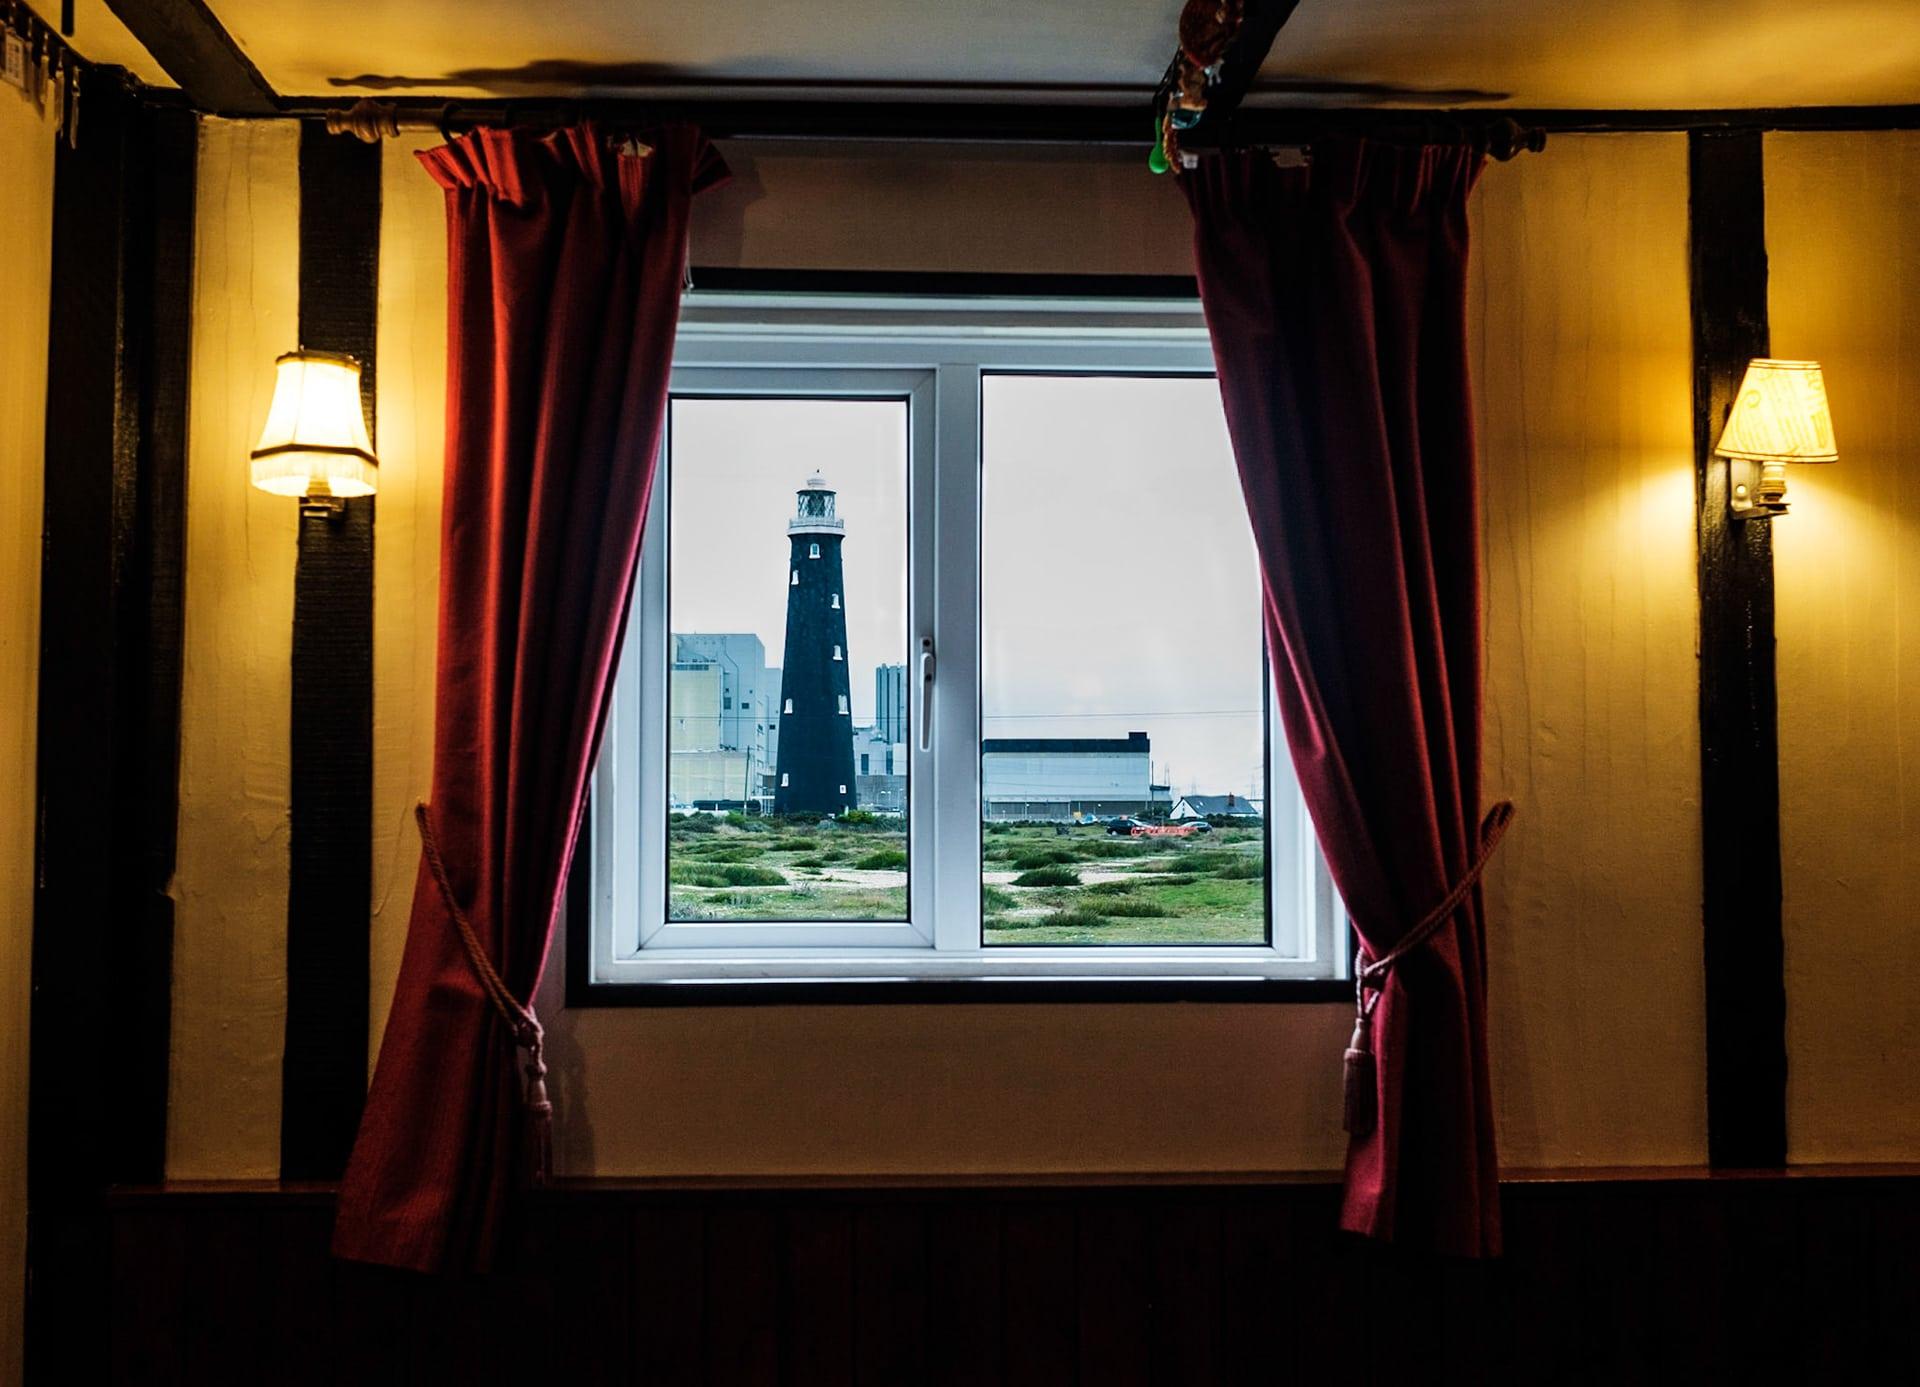 Blick aus doppelverglastem Kneipenfenster auf einen Leuchtturm